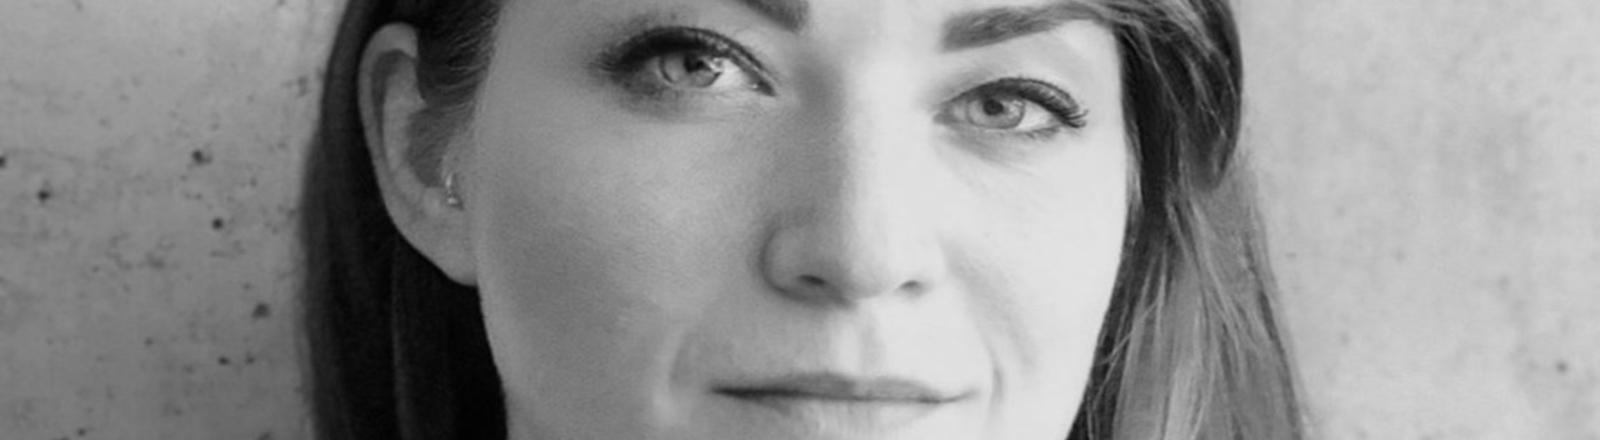 Portrait von Carolin in Schwarzweiß